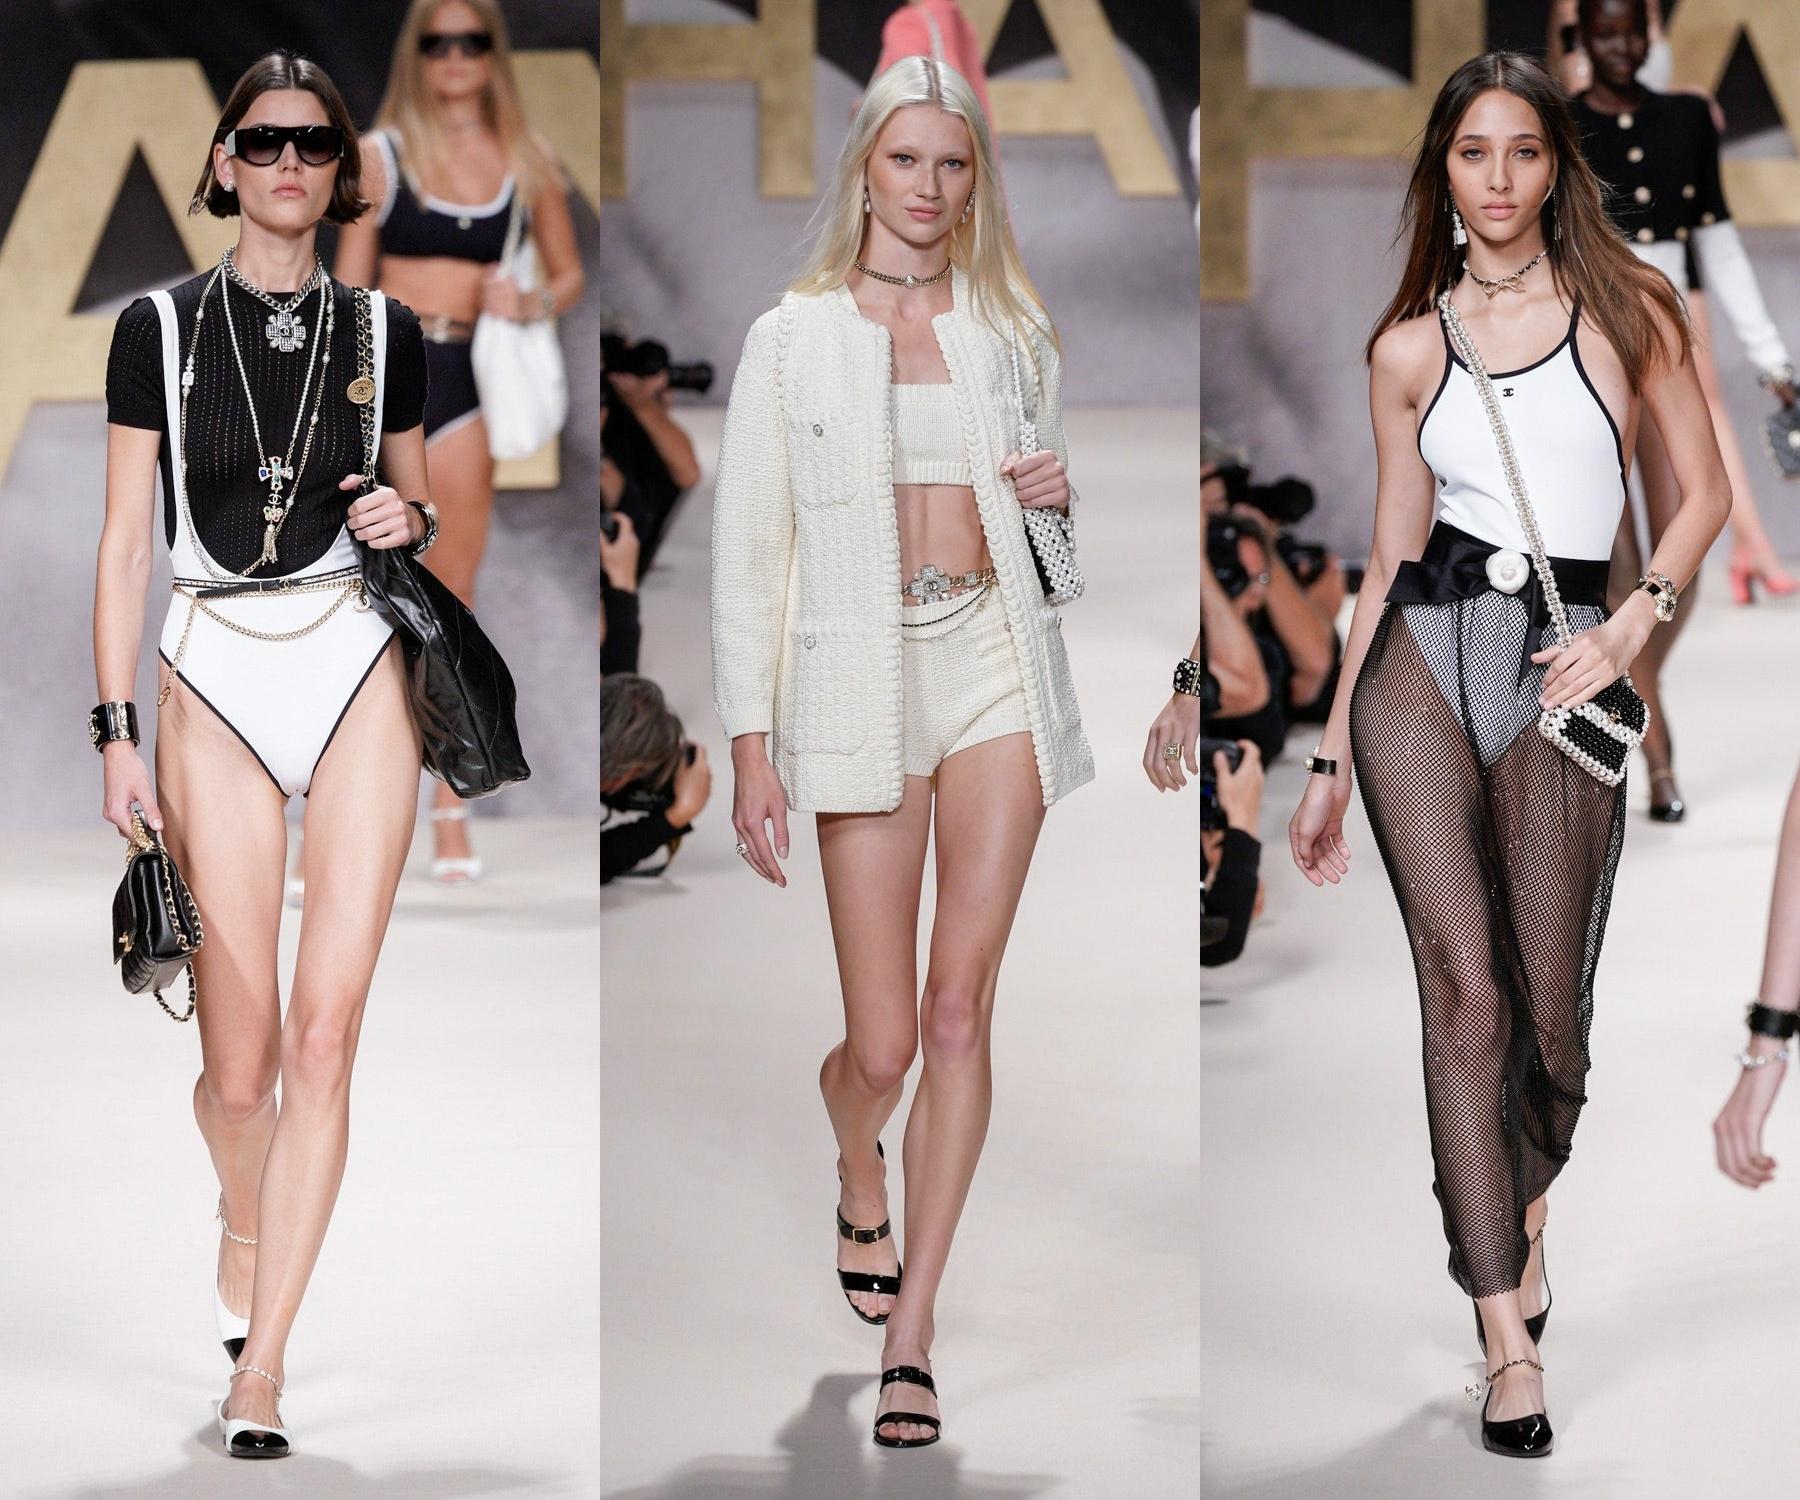 Неделя моды в Париже: подборка самых интересных коллекций — от Chanel до Balenciaga (ФОТО) - фото №2